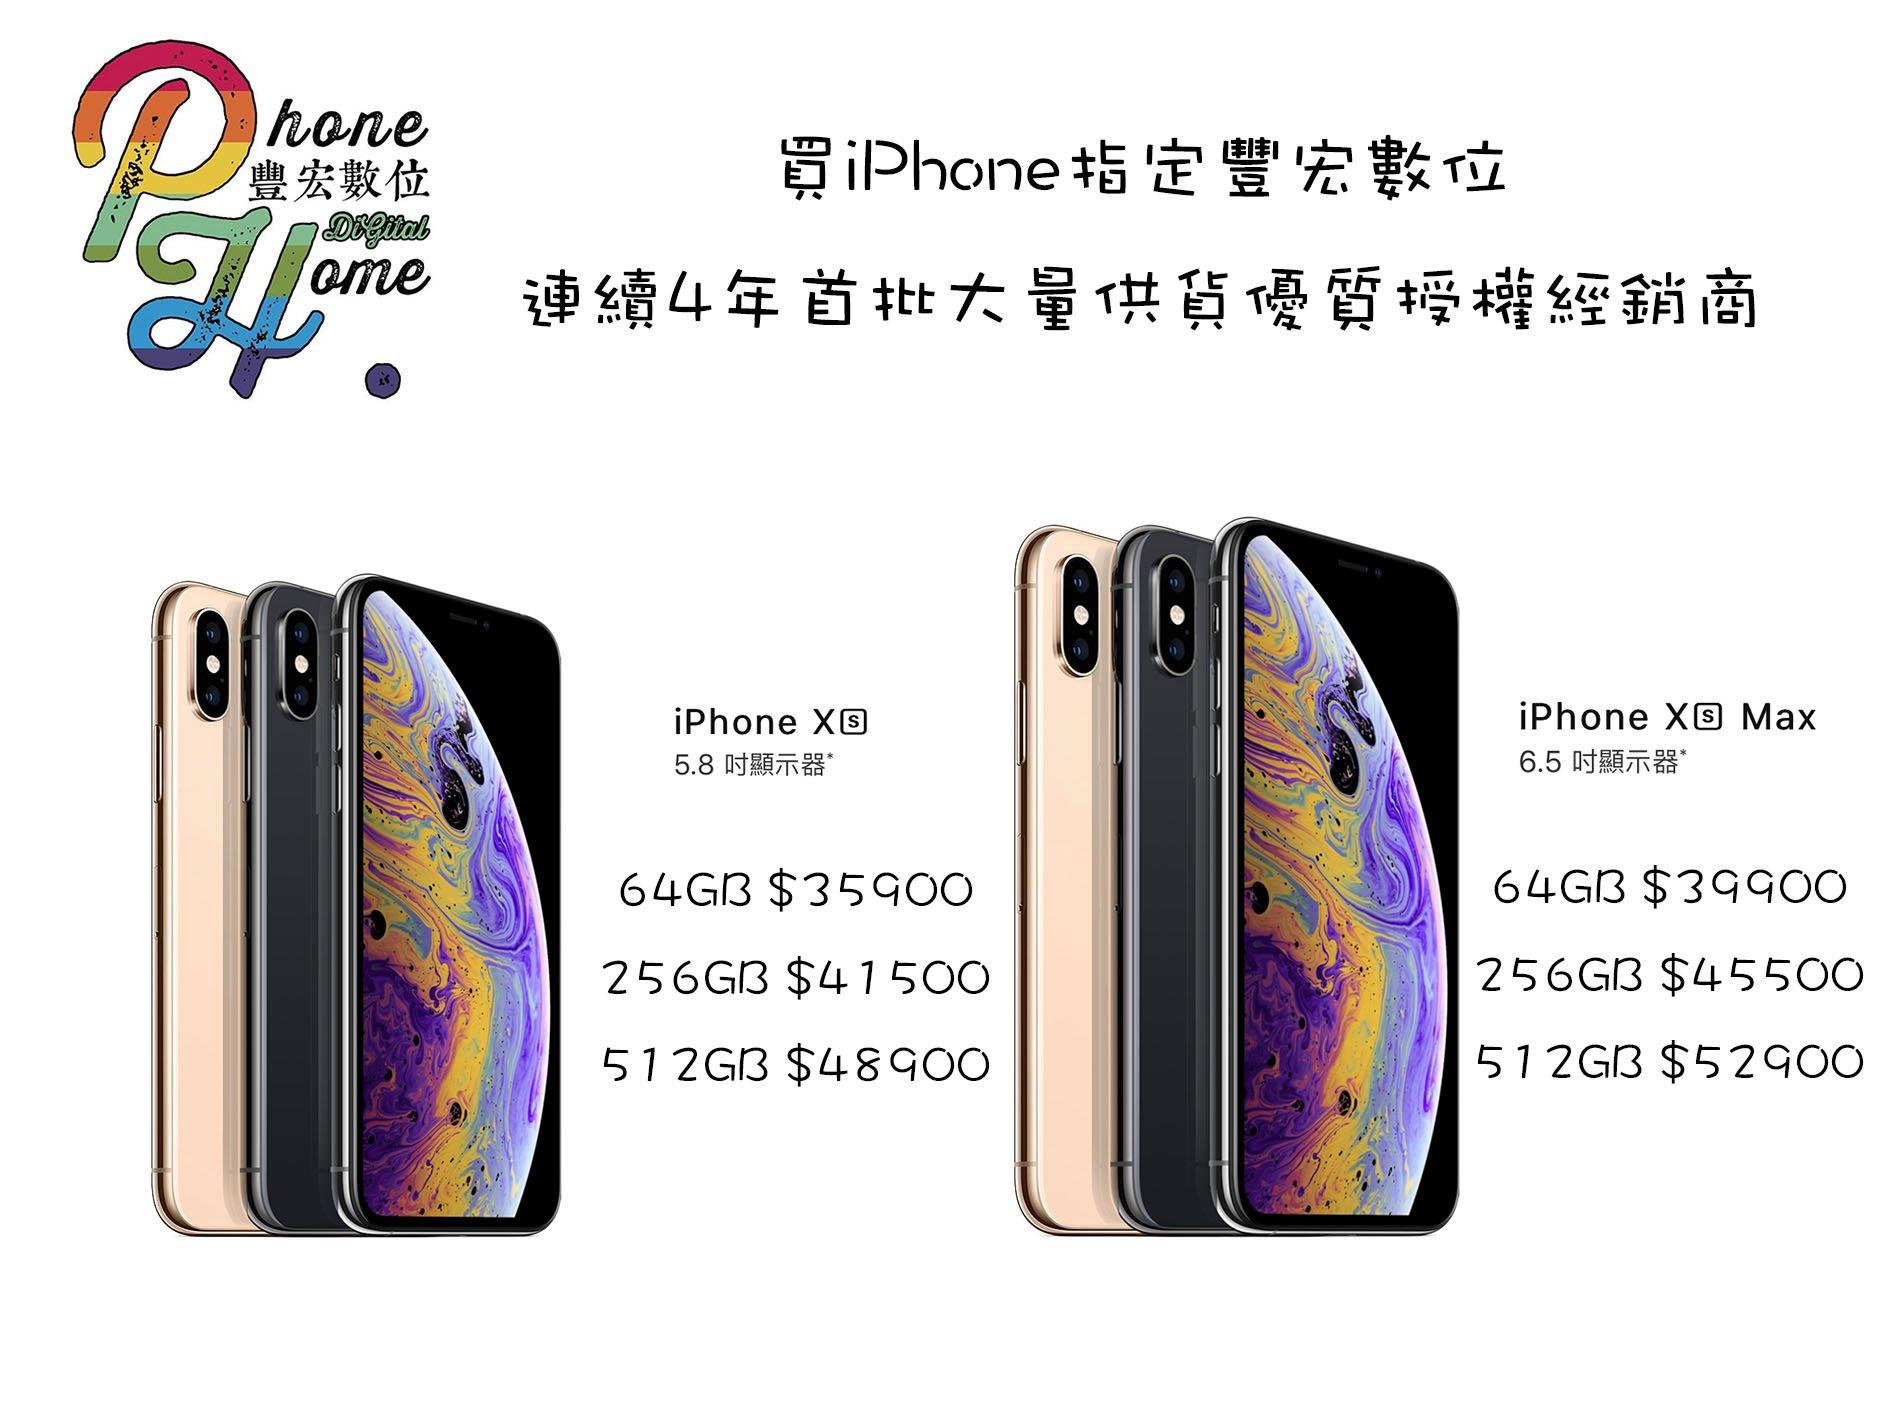 高雄光華/建功【豐宏數位】 Apple iPhone Xs MaX 256G 空機 搭配資費更優惠實體門市